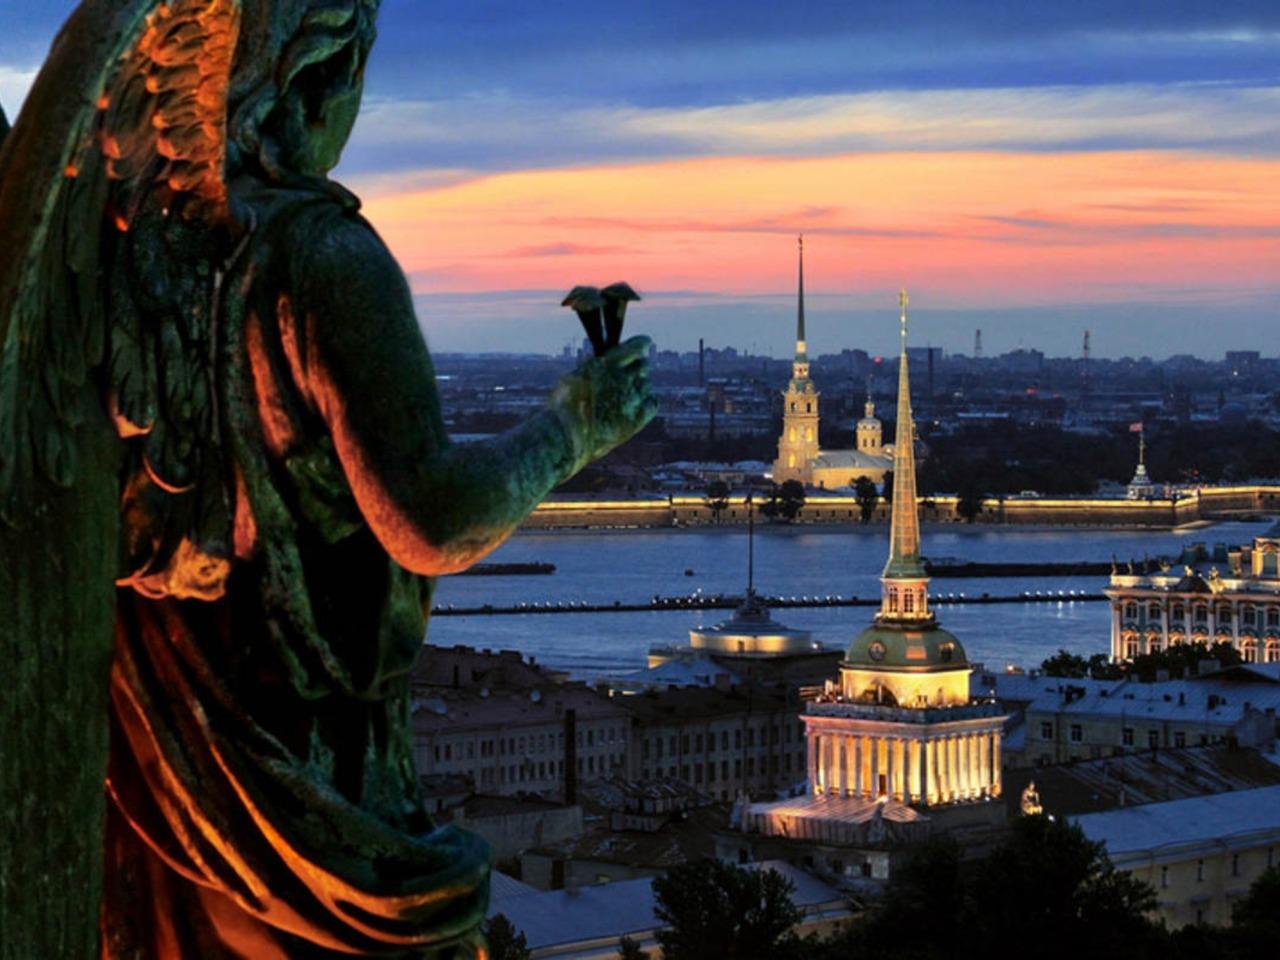 Мистический Петербург - индивидуальная экскурсия по Санкт-Петербургу от опытного гида